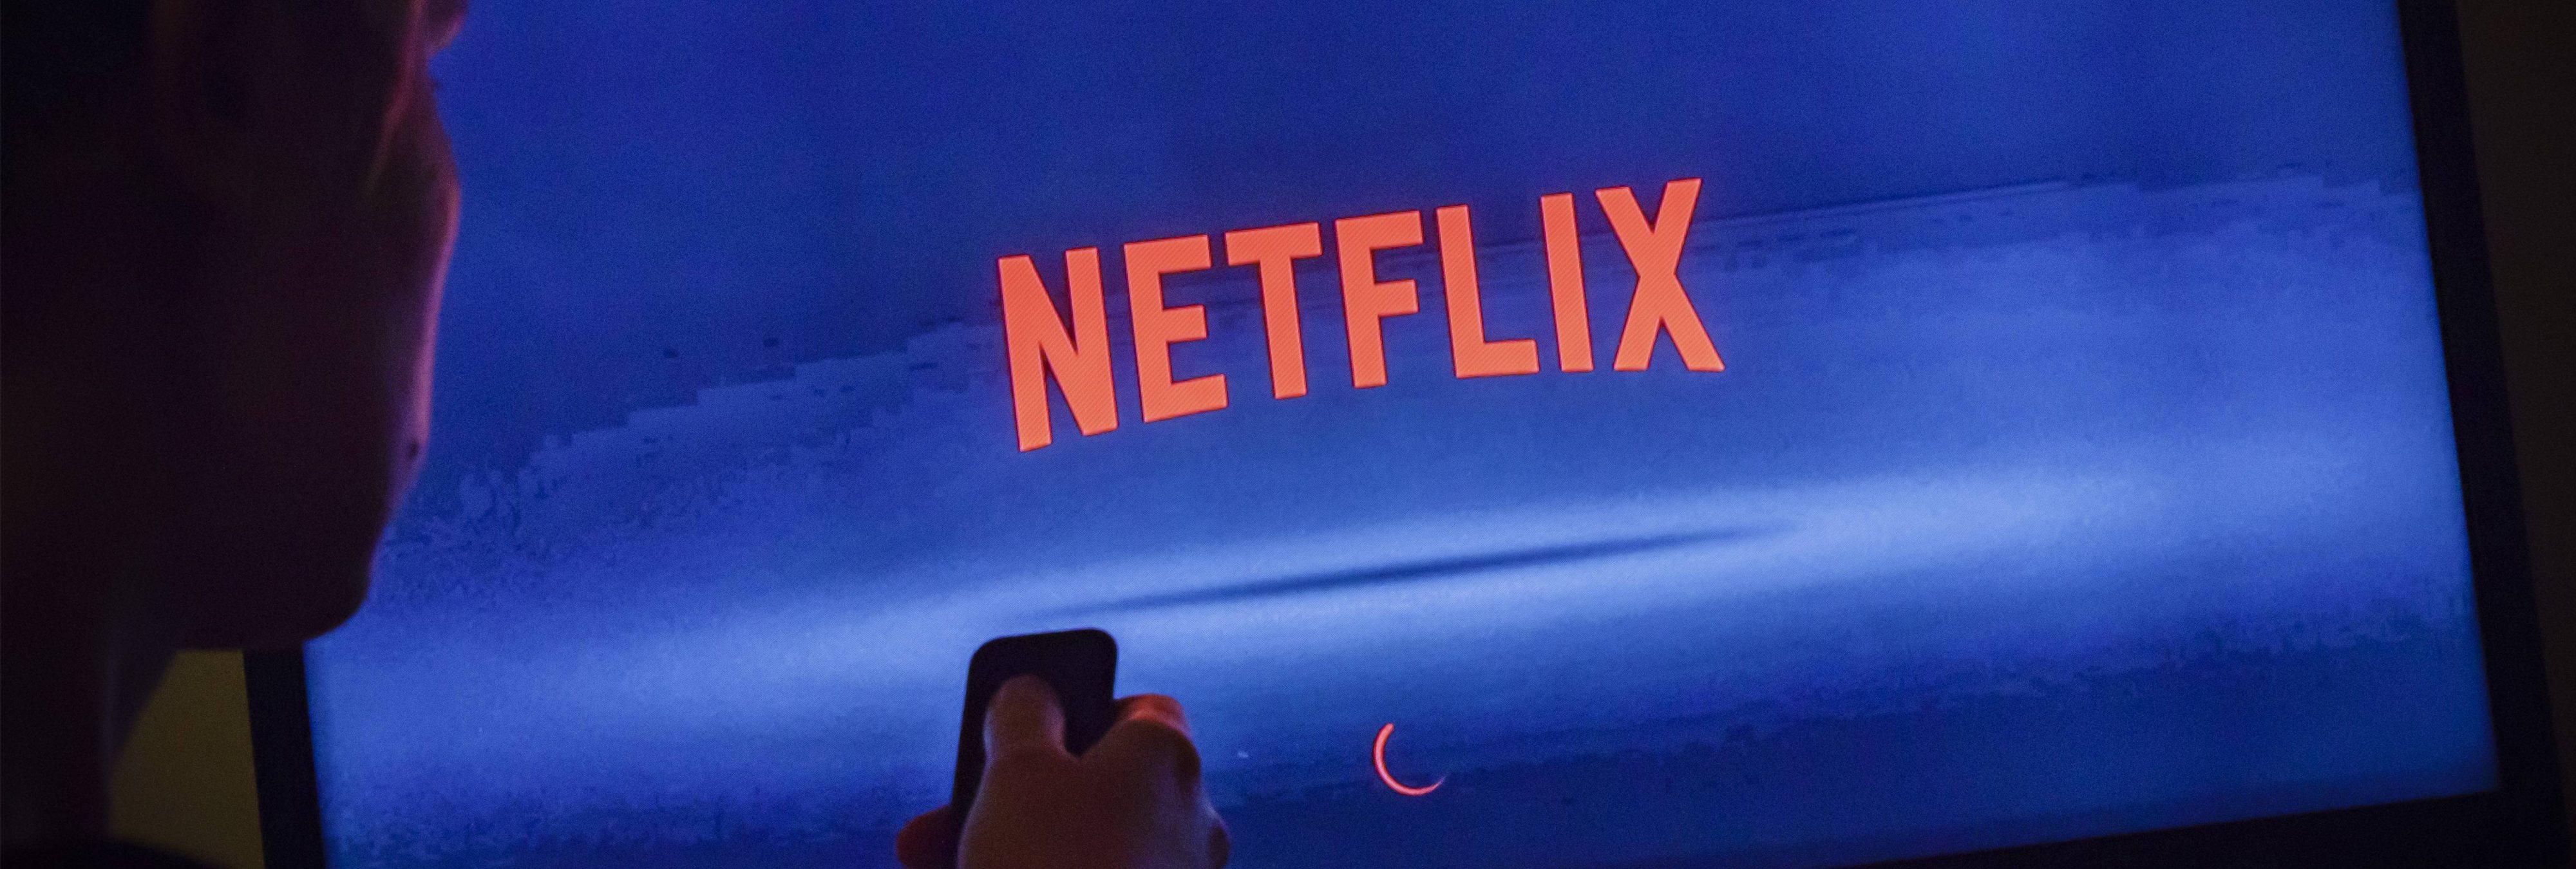 El primer adicto a Netflix, sometido a rehabilitación por ver series 7 horas al día